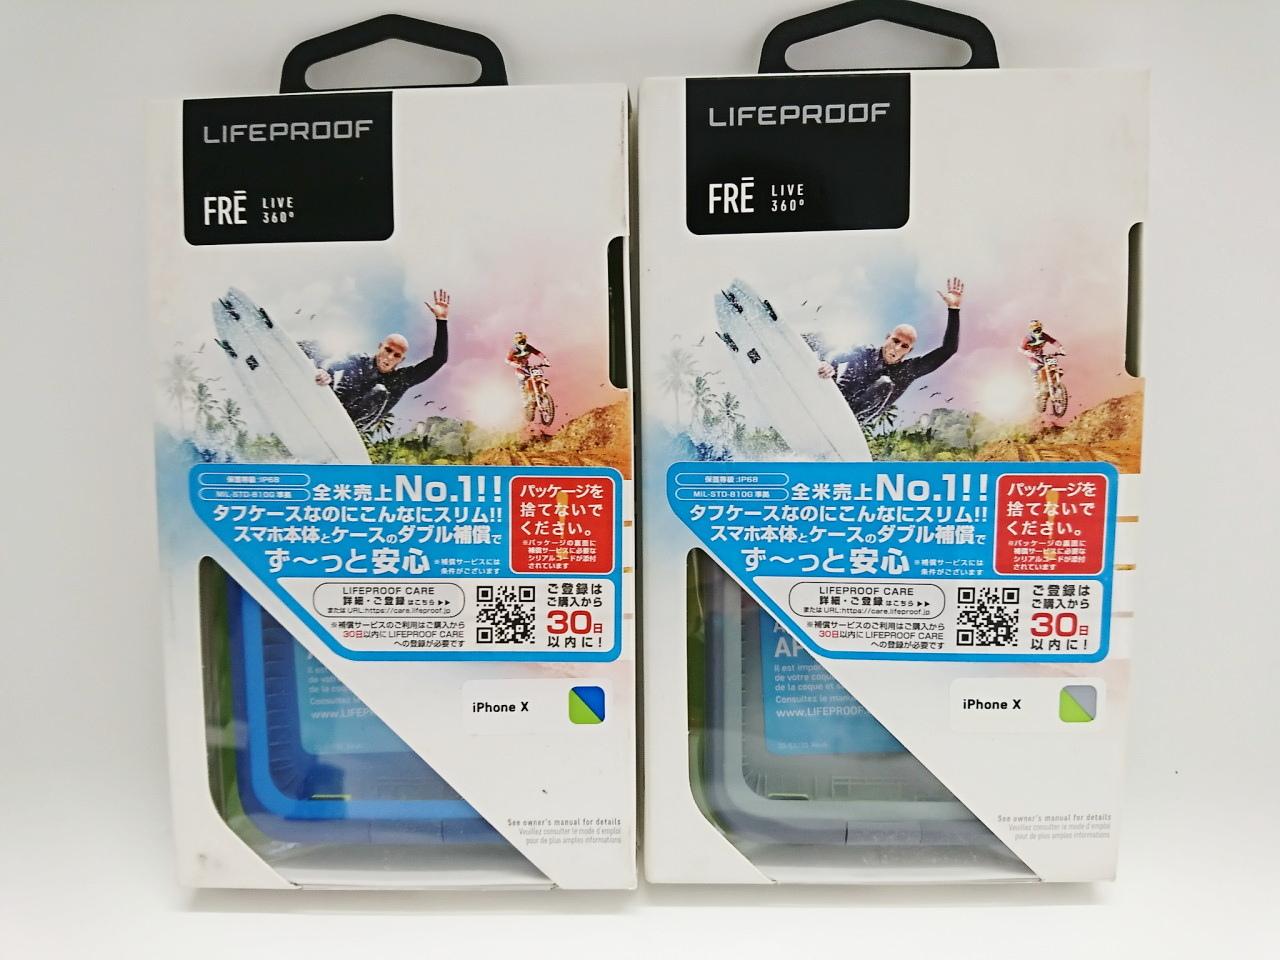 特価! ライフプルーフ fre iPoneX  72440